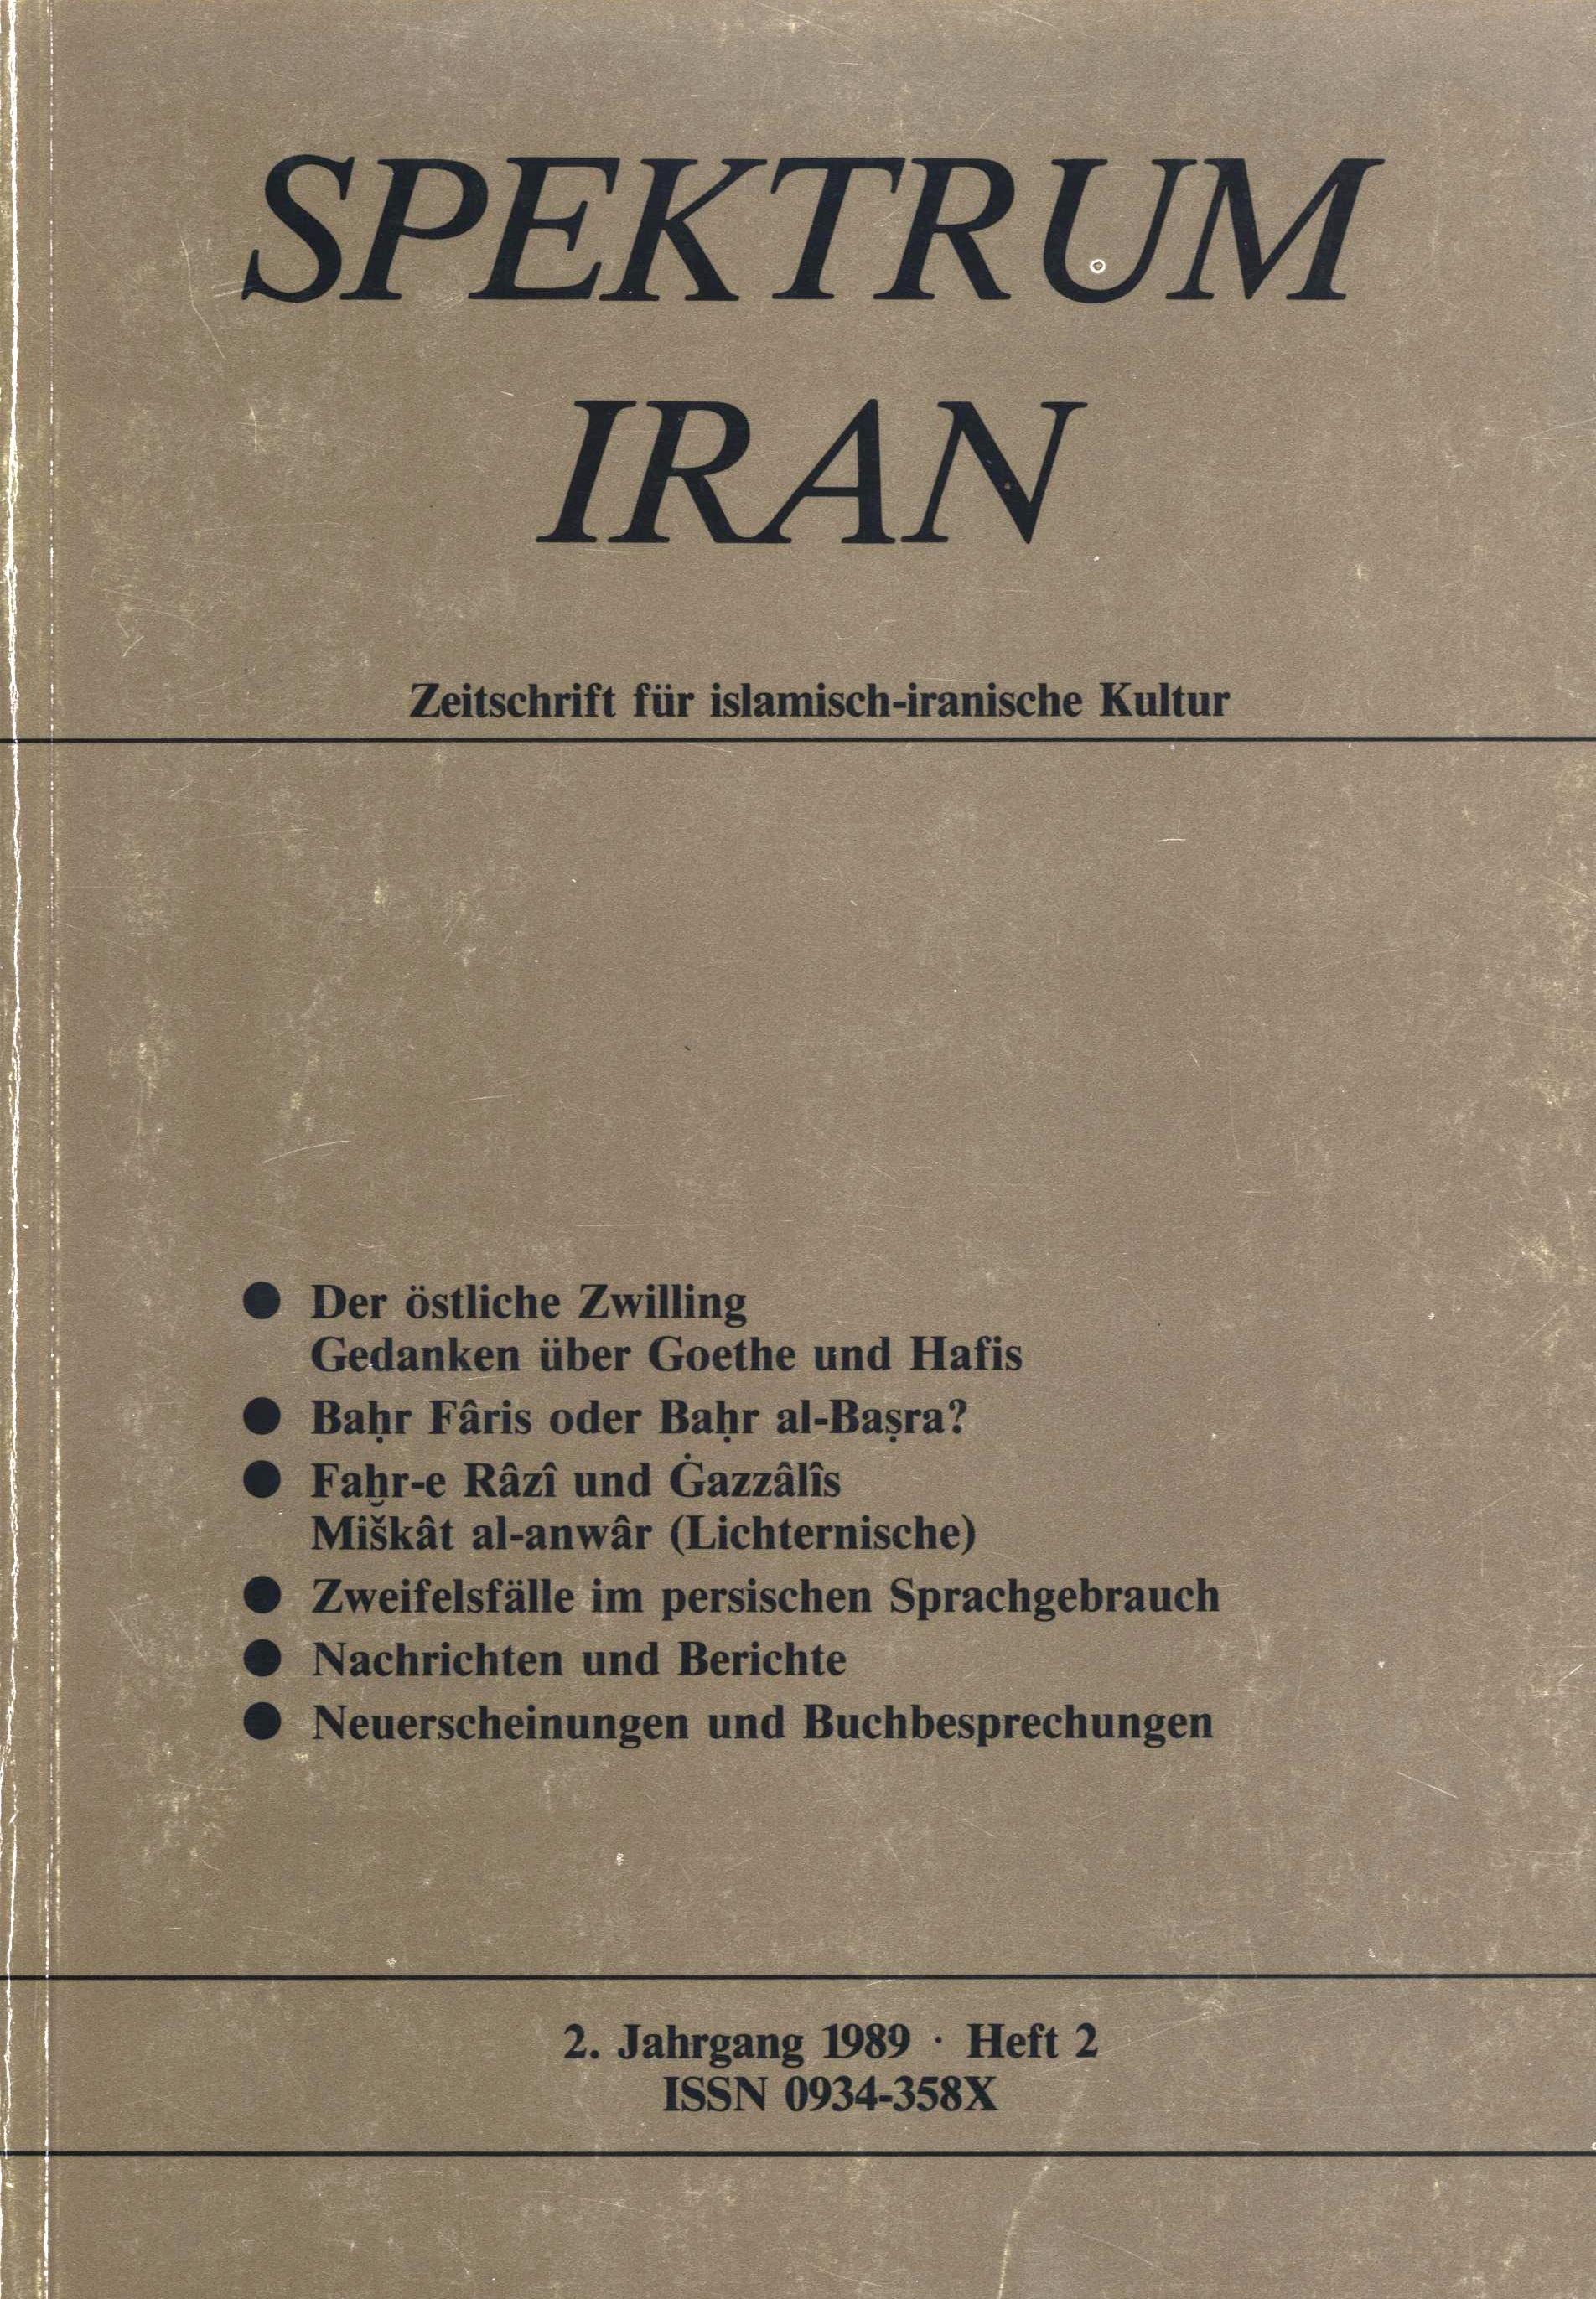 Spektrum Iran 2 - 1989